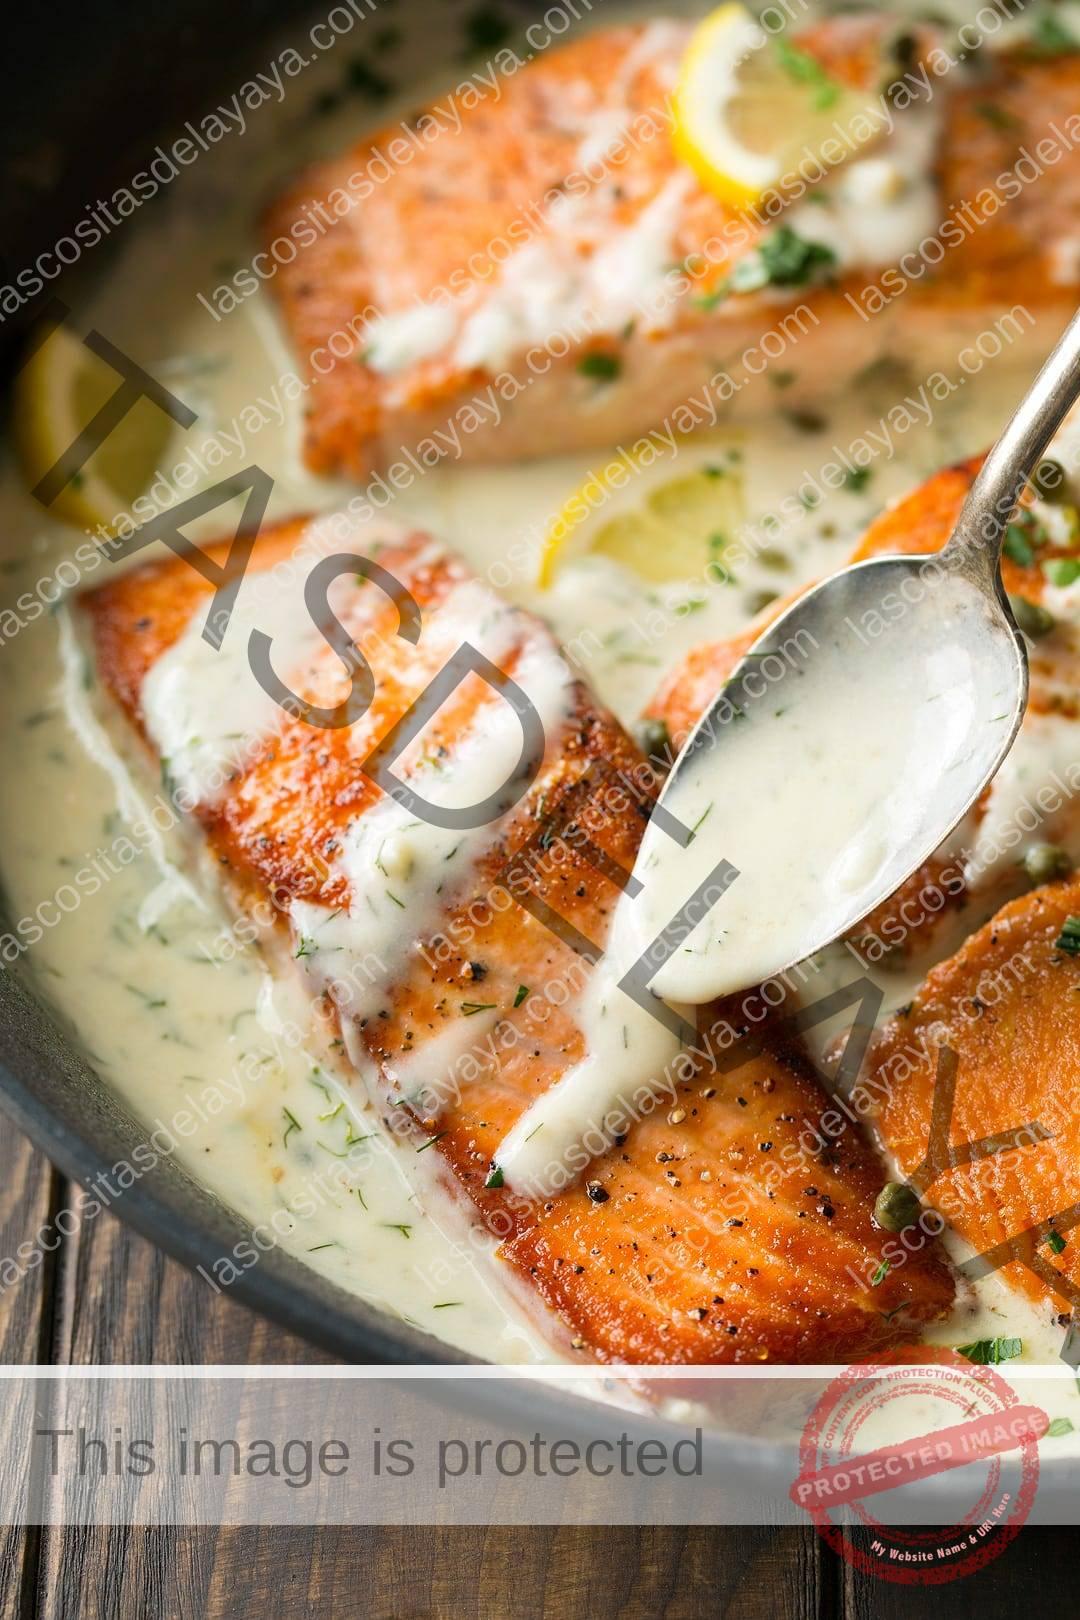 Receta de salmón cocido en una sartén con salsa cremosa de limón y eneldo encima.